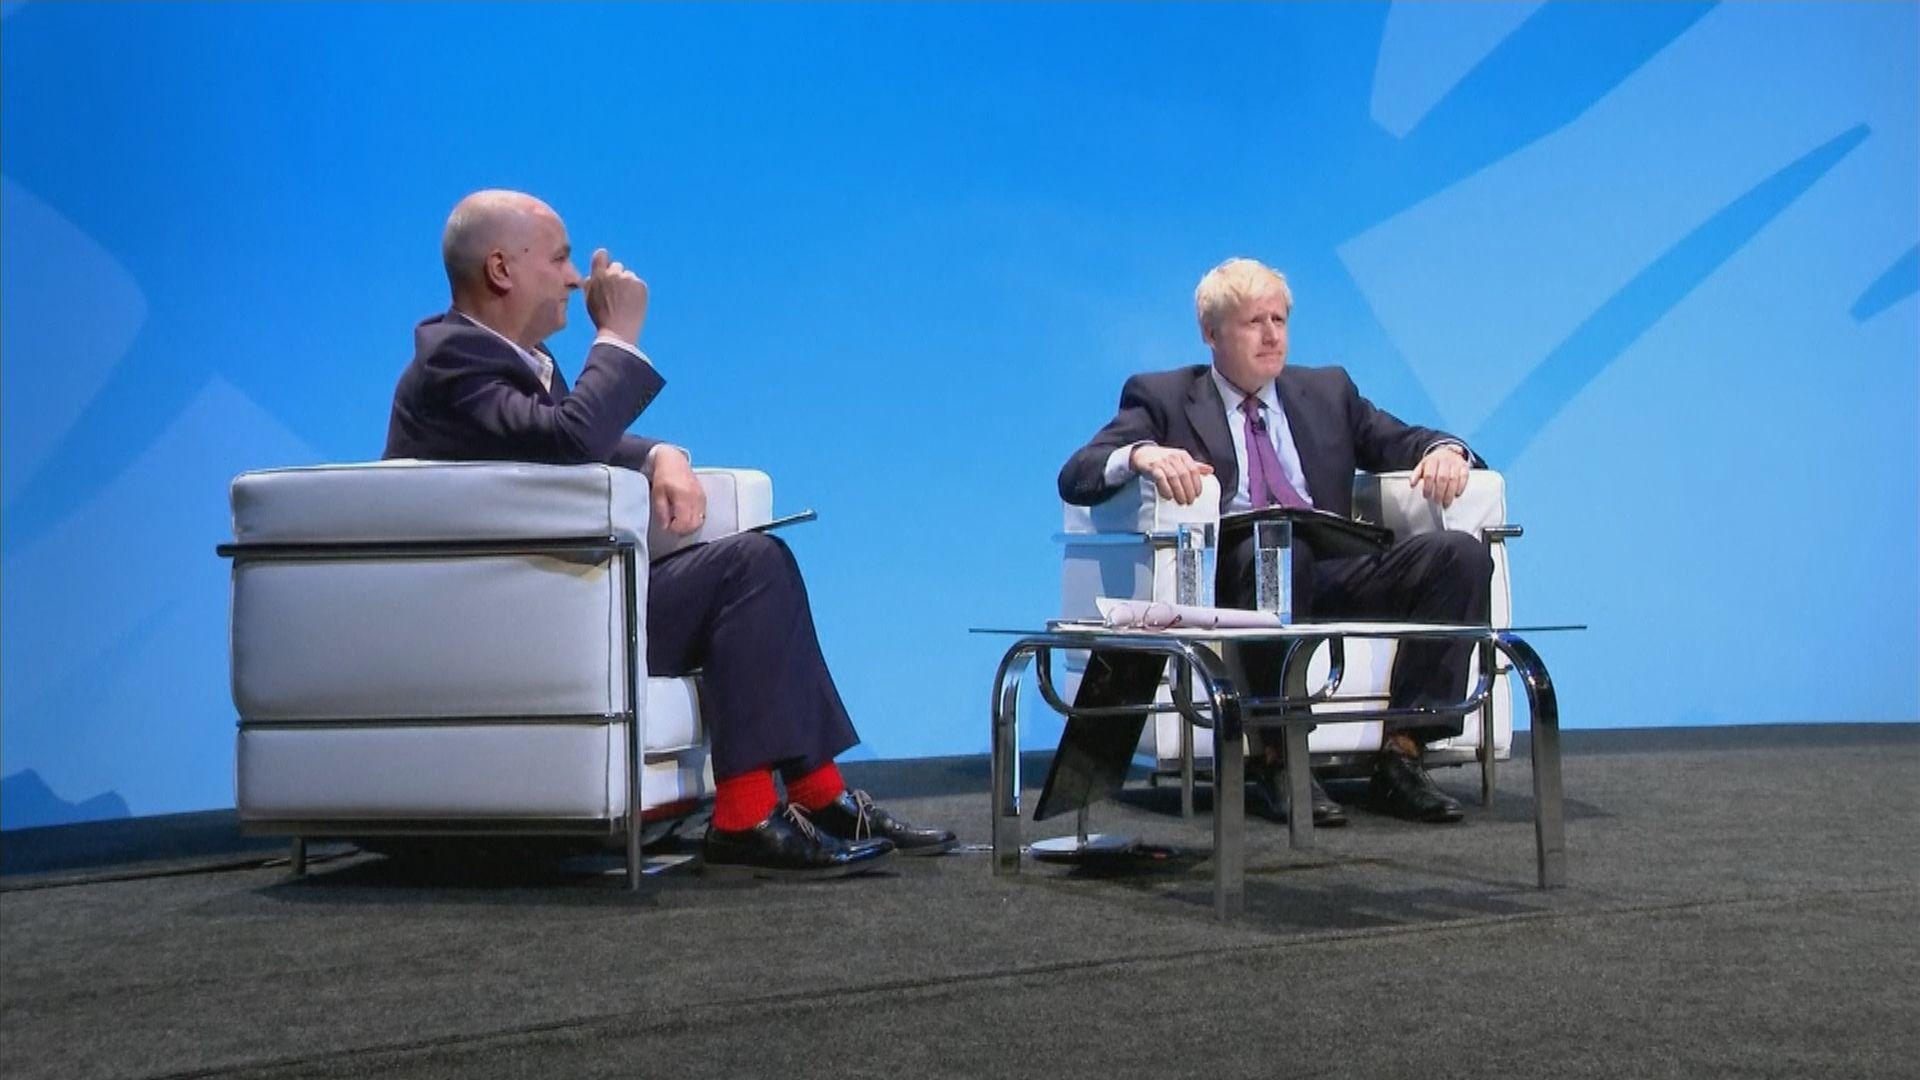 約翰遜欲迫使歐盟重商脫歐協議